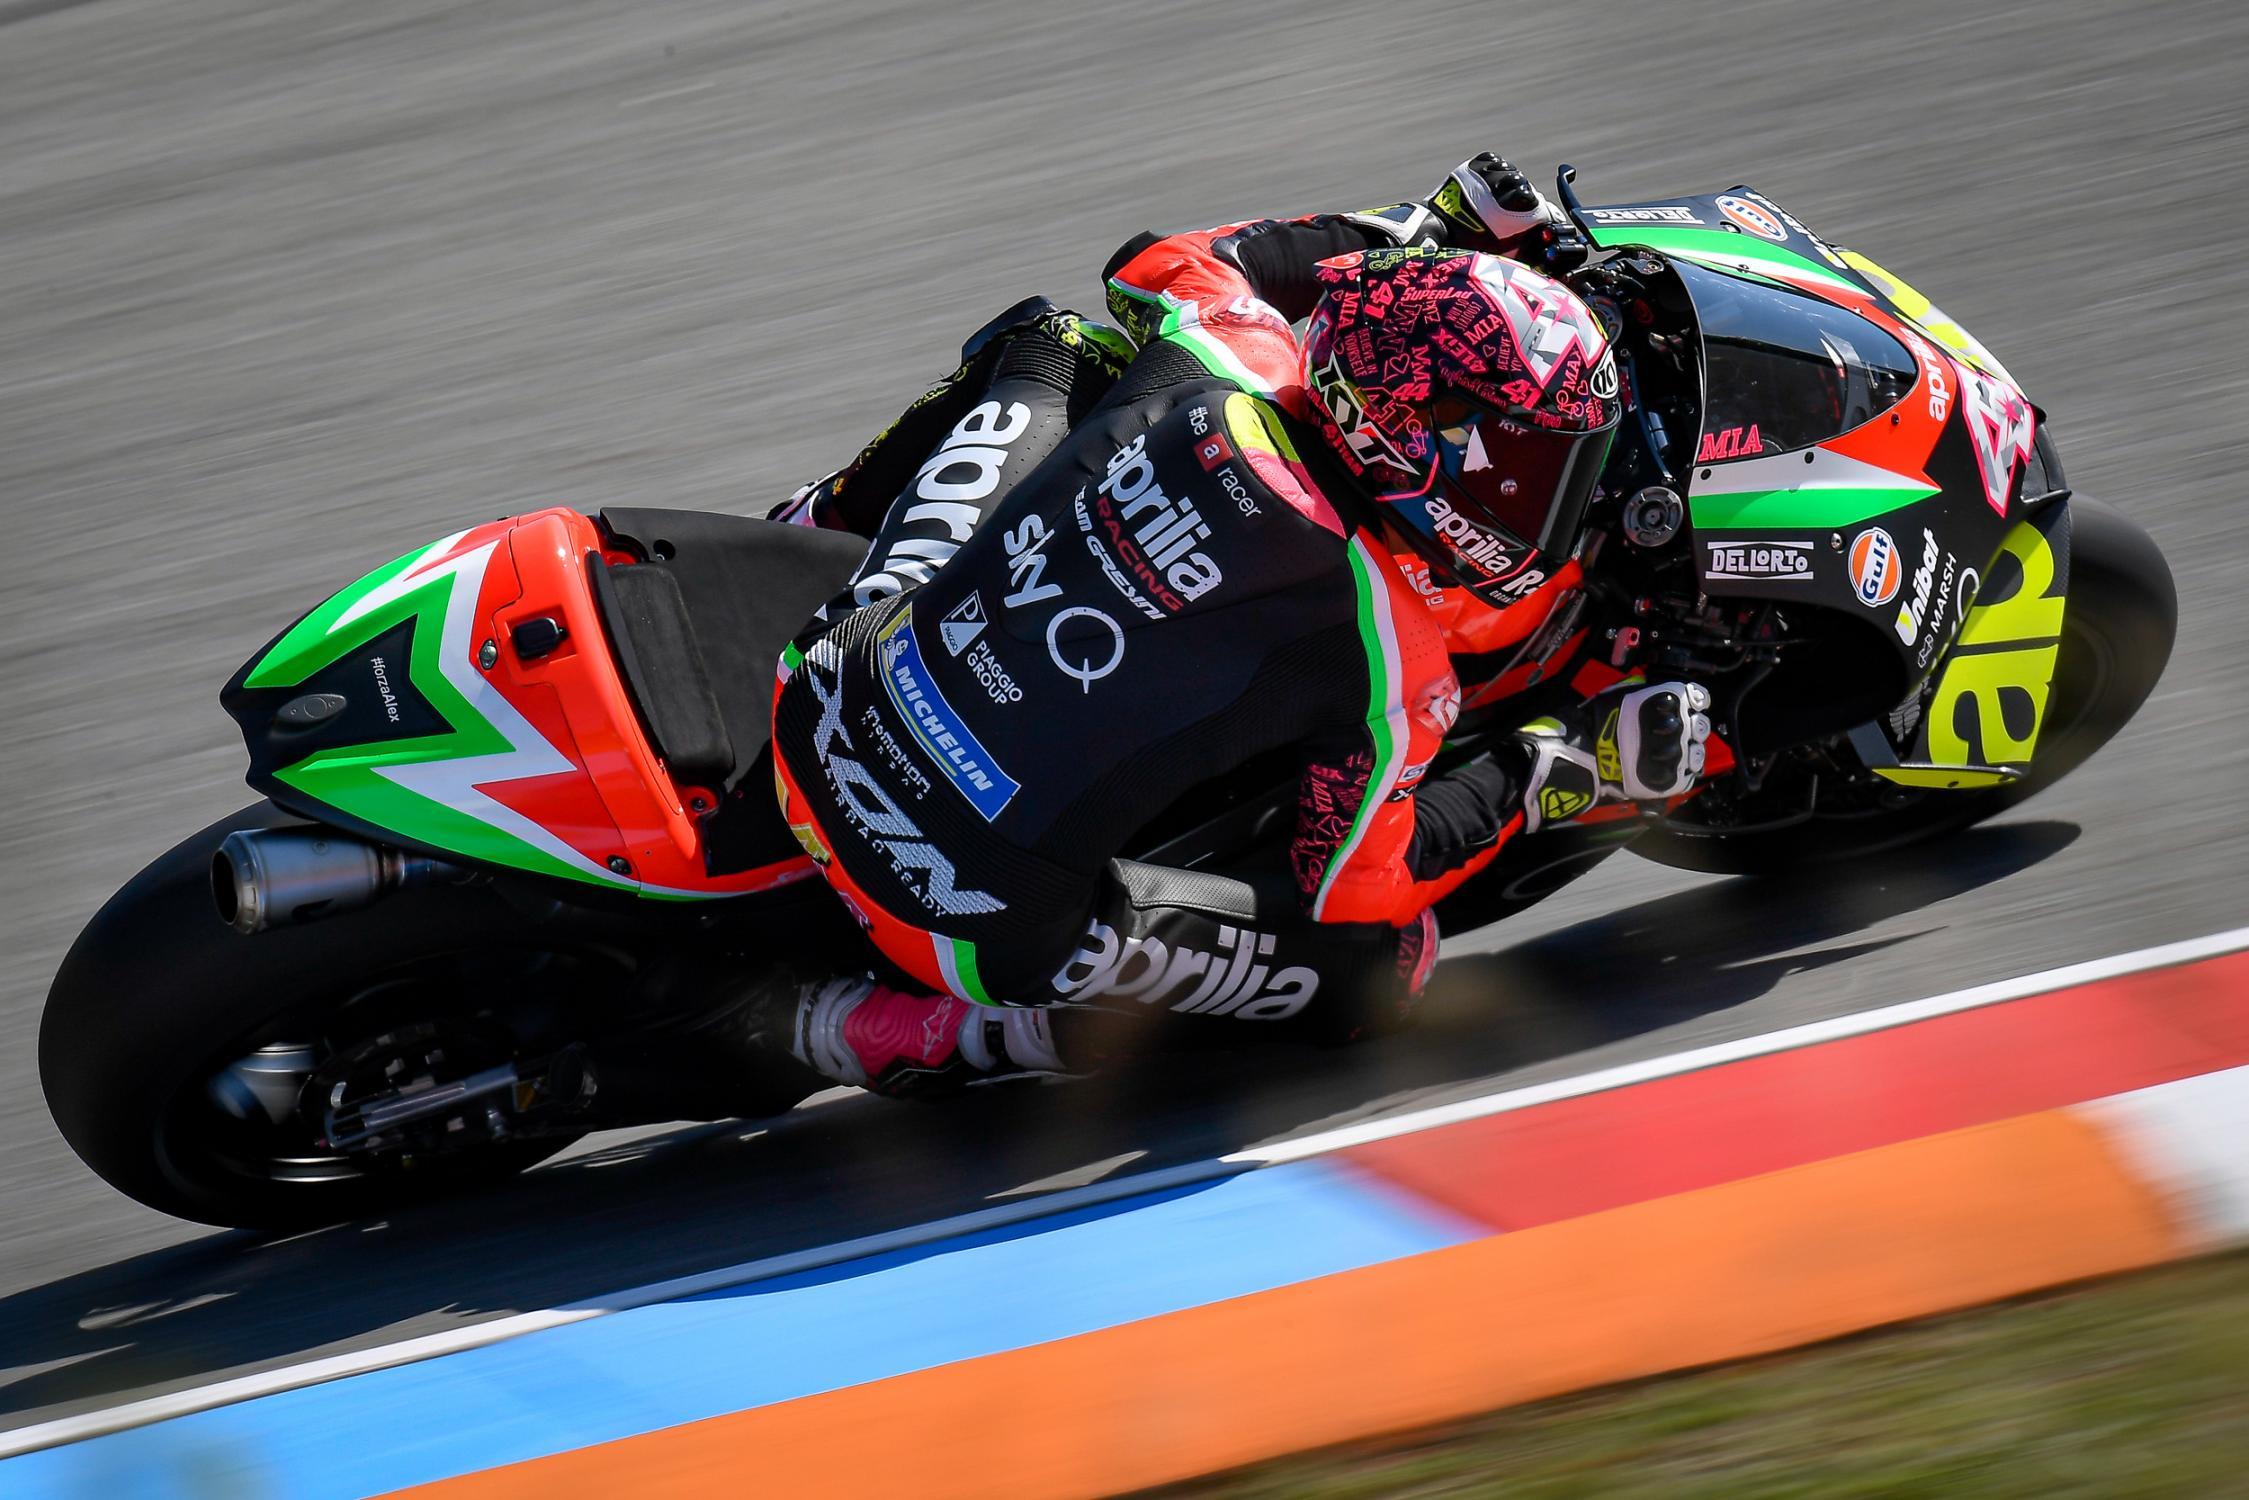 Aleix Espargaro Injured While Training, Will Miss MotoGP Test At Sepang - Roadracing World